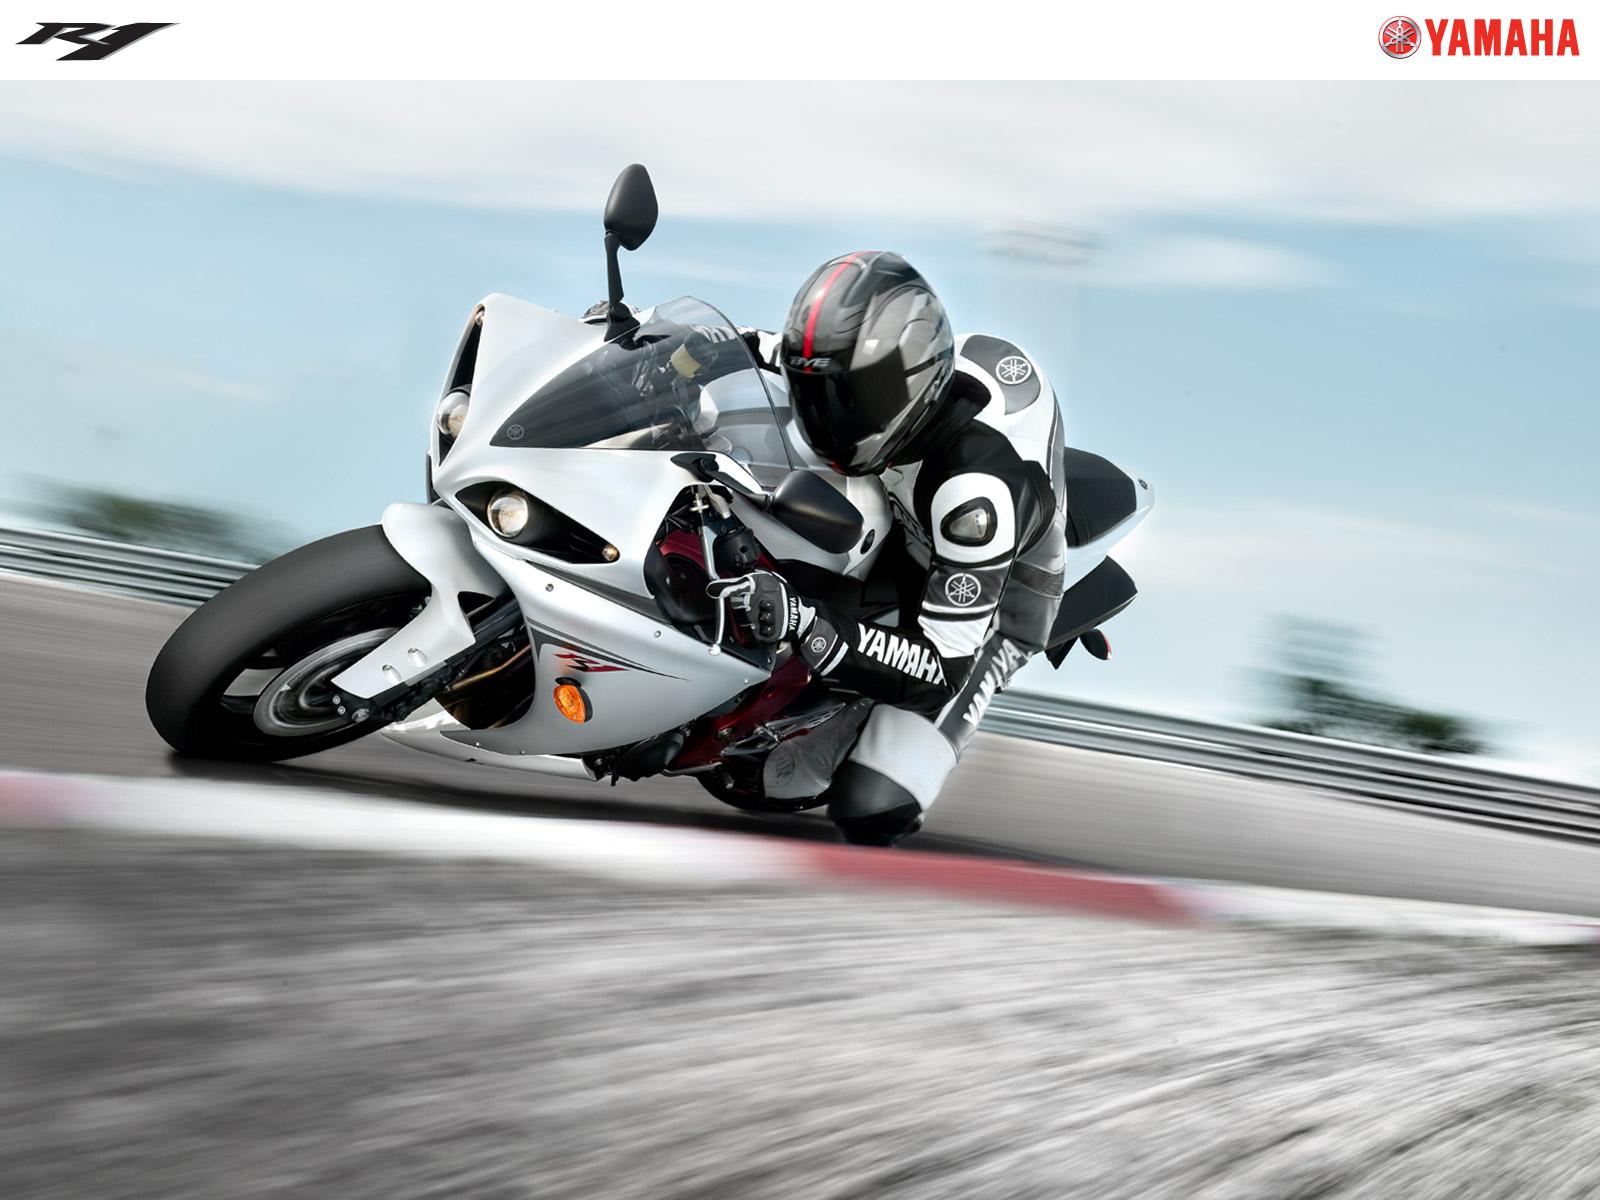 Bikes Motorcycles HD Wallpapers Widescreen Desktop Backgrounds 1600x1200